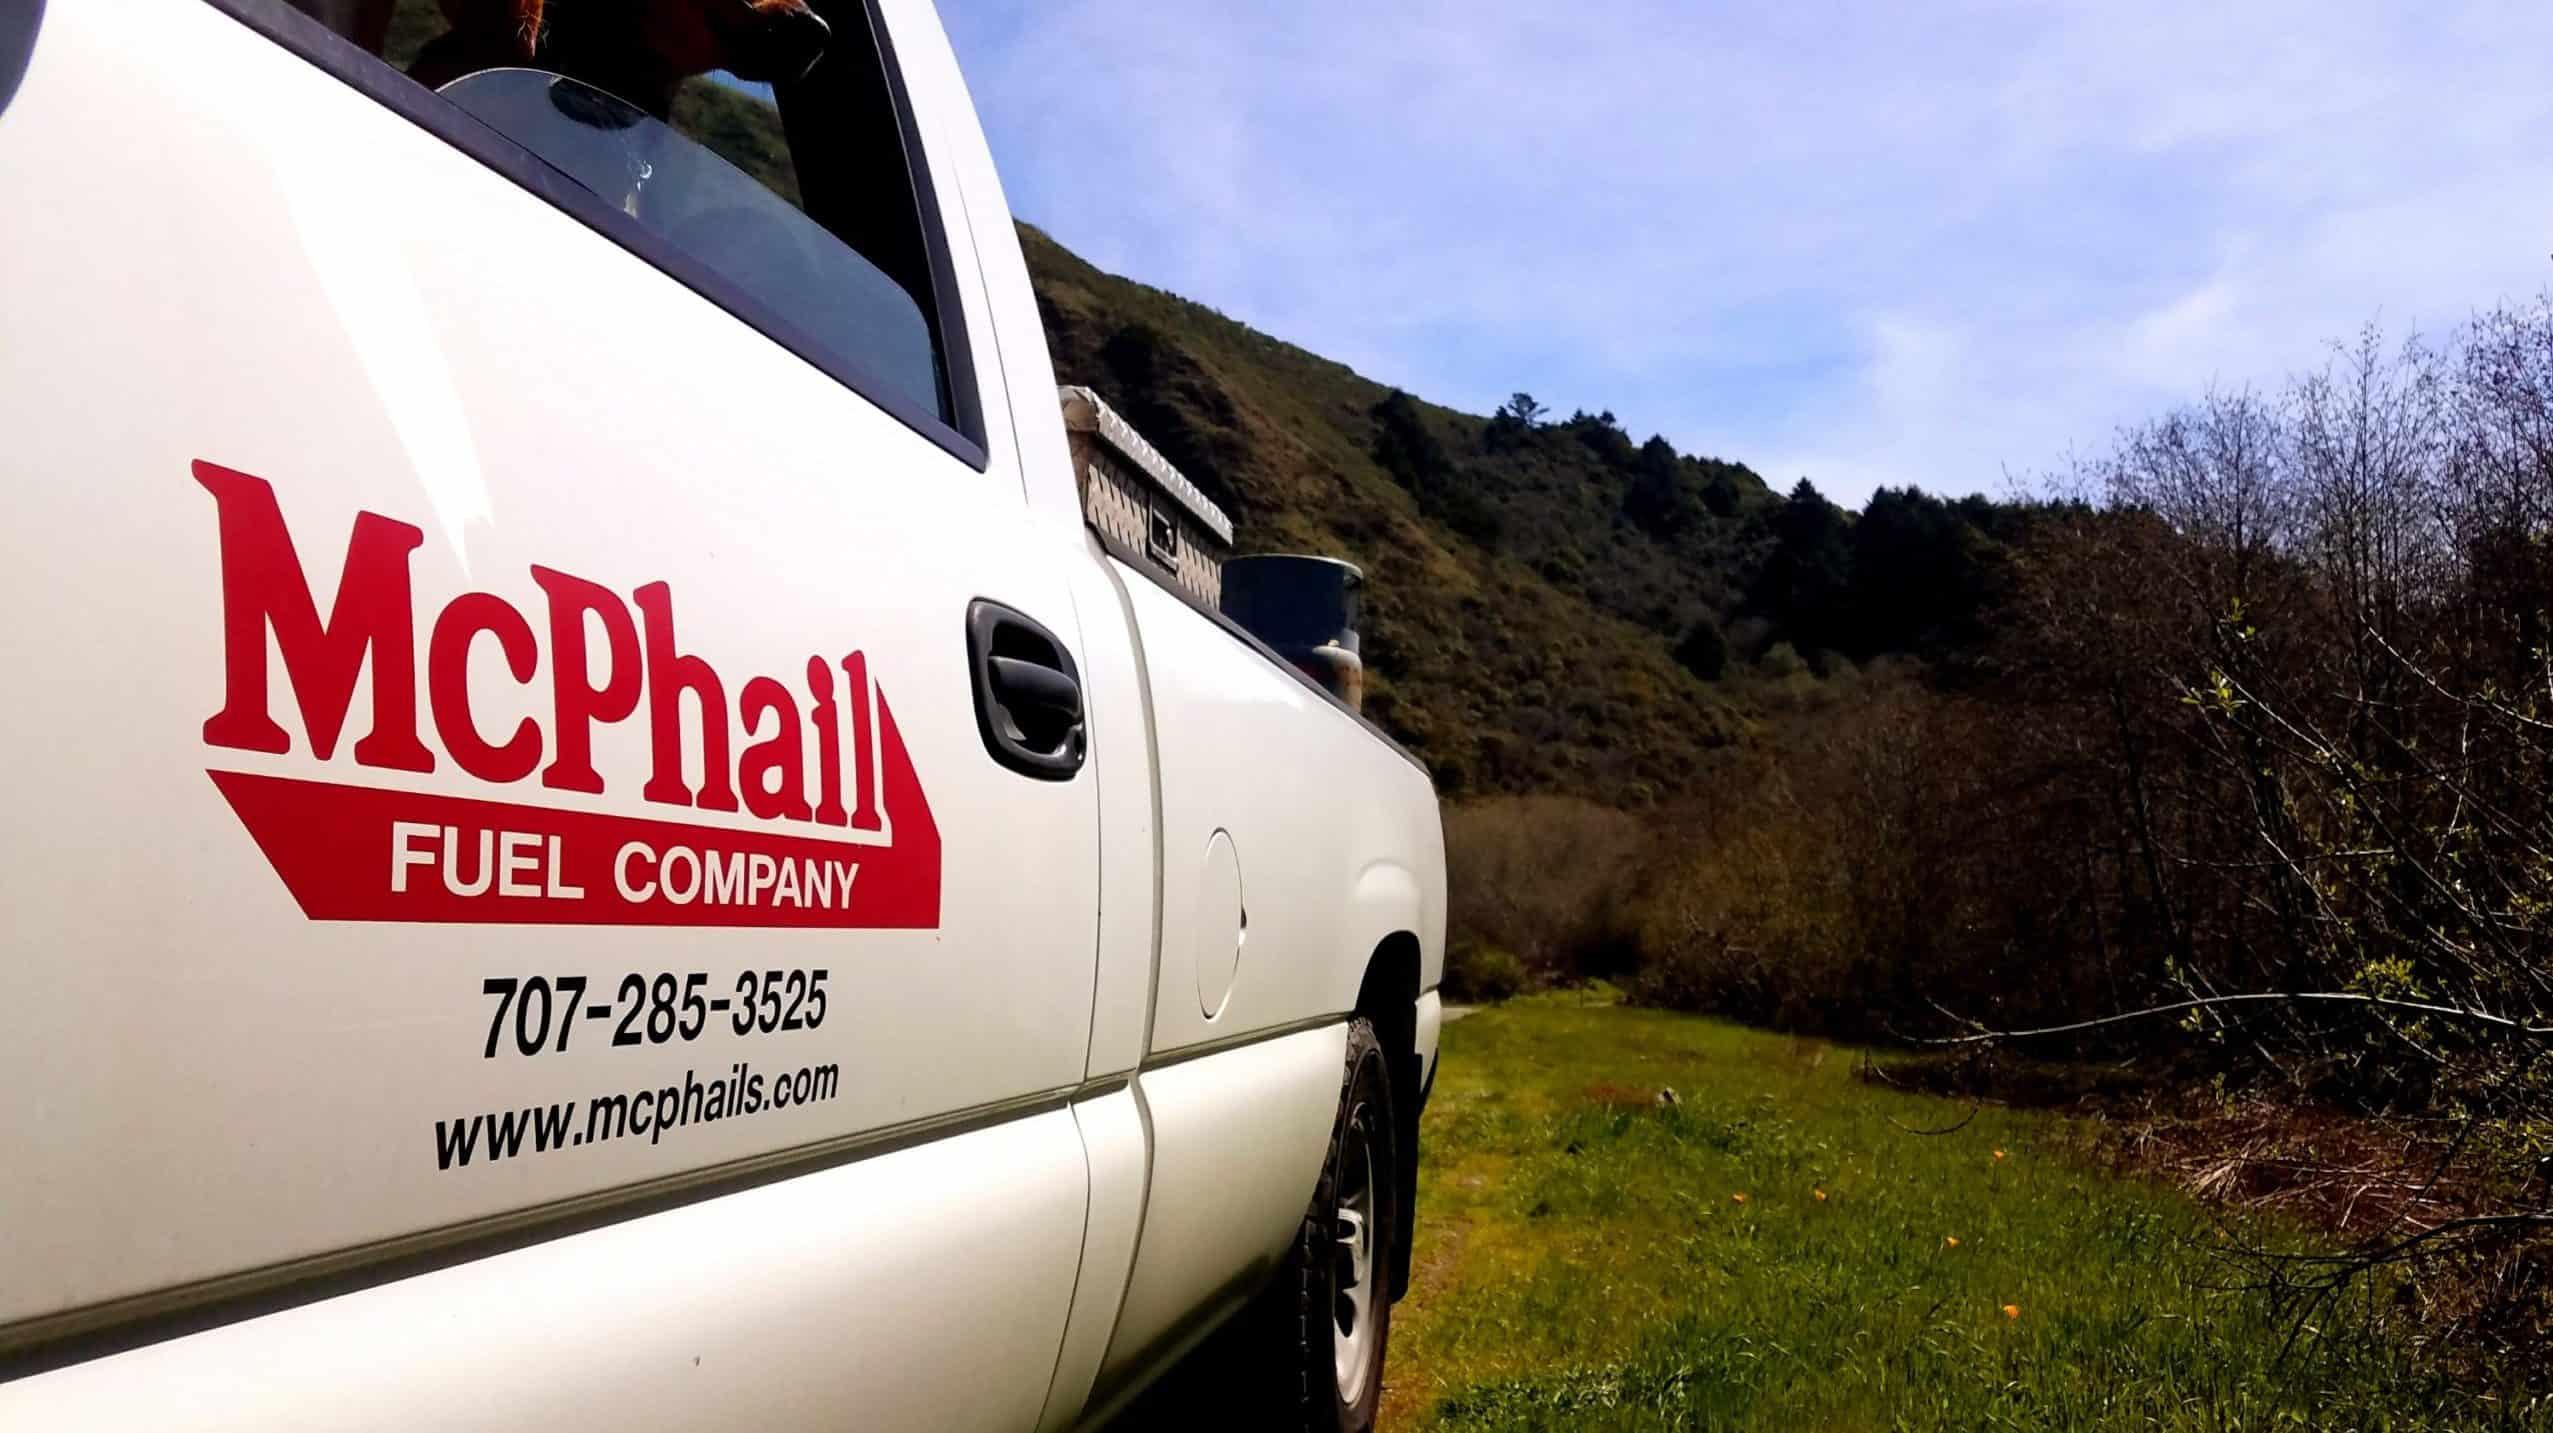 McPhail's truck